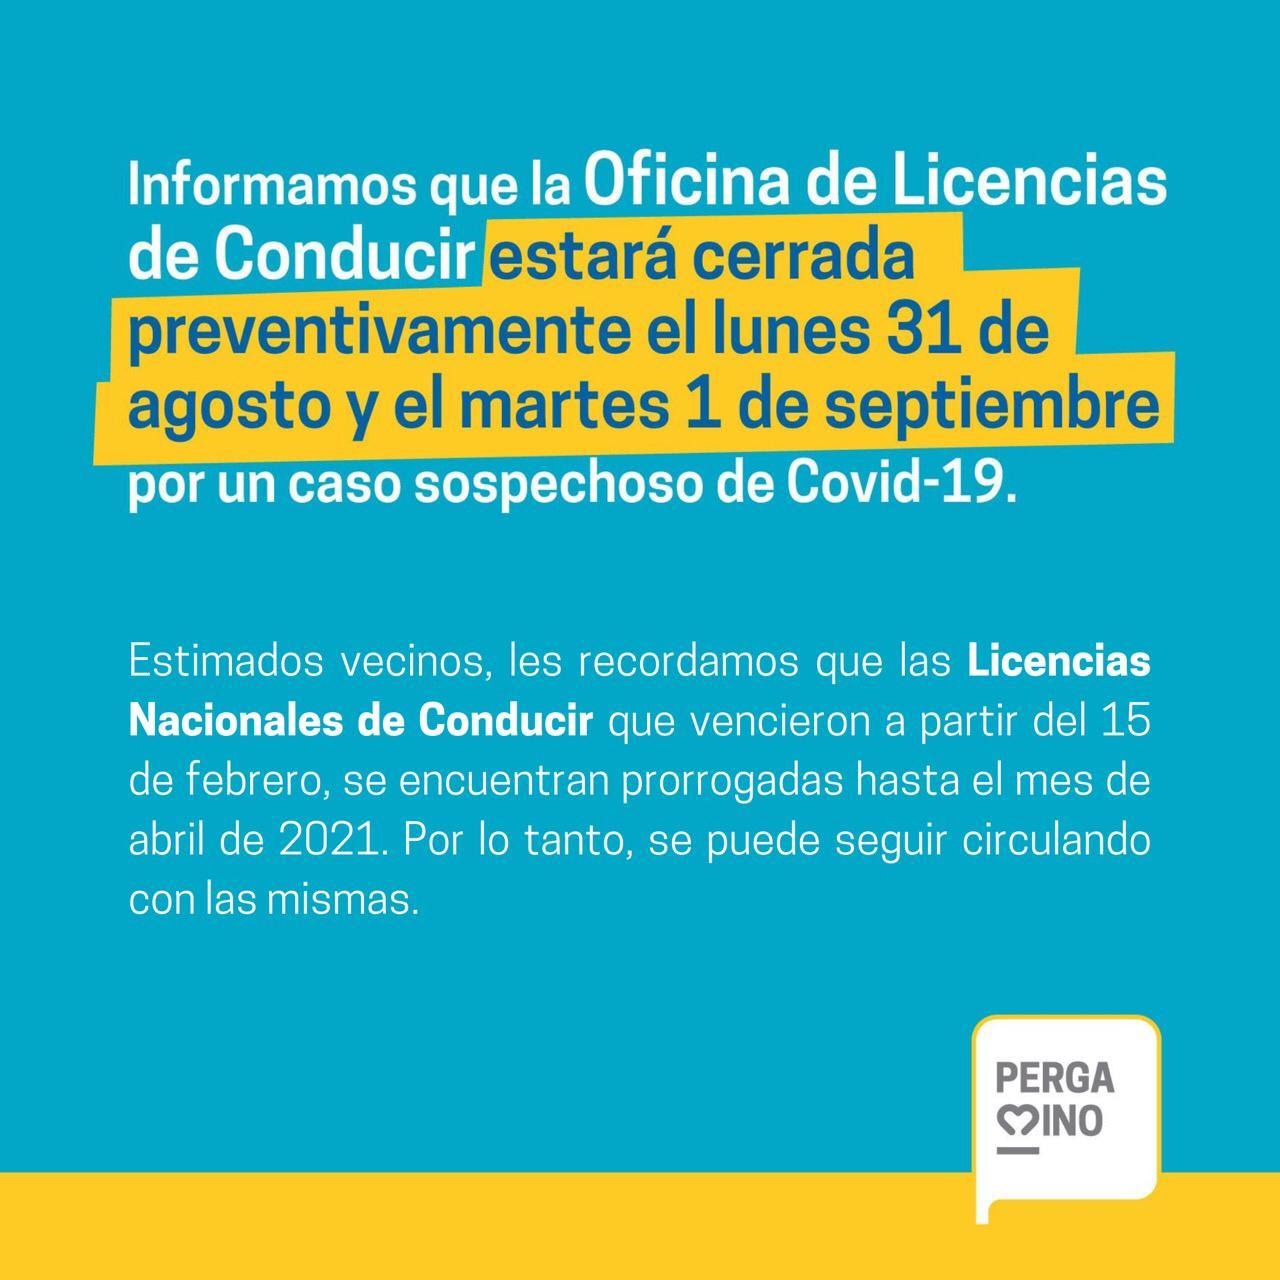 Las oficinas de Licencias de Conducir estarán cerradas por un caso sospechoso de Coronavirus 1